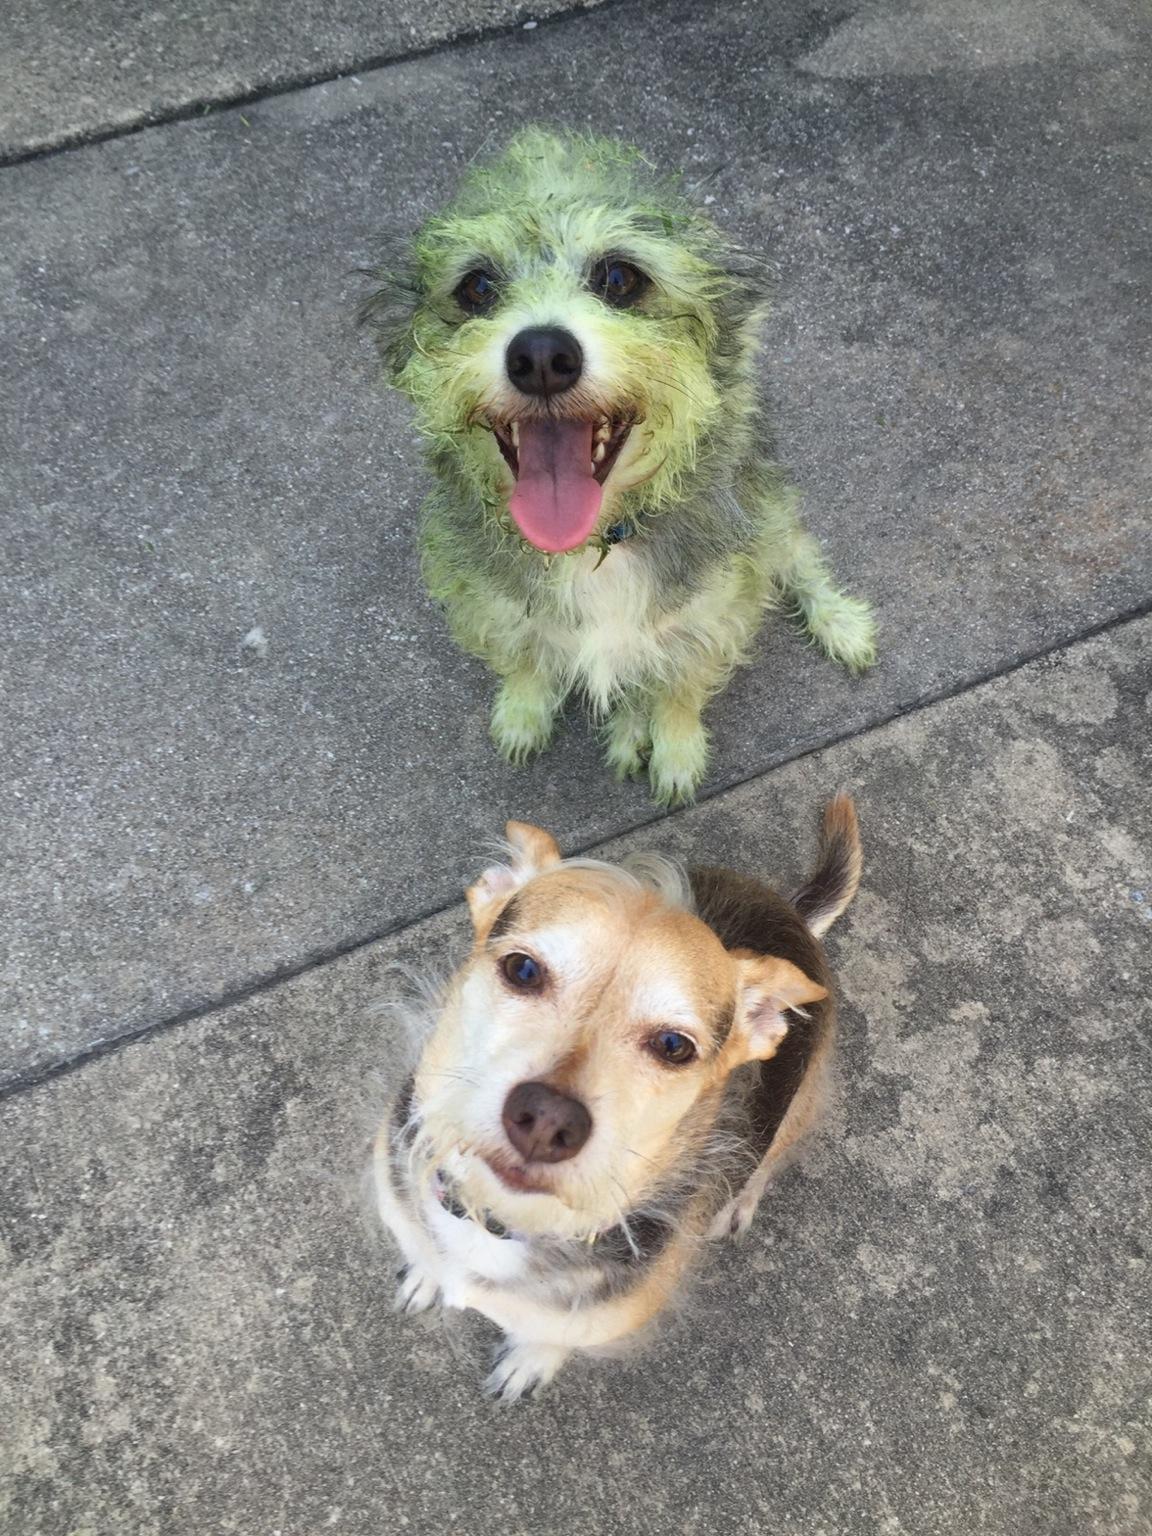 Lequel des deux chiens a aidé à tondre la pelouse ?